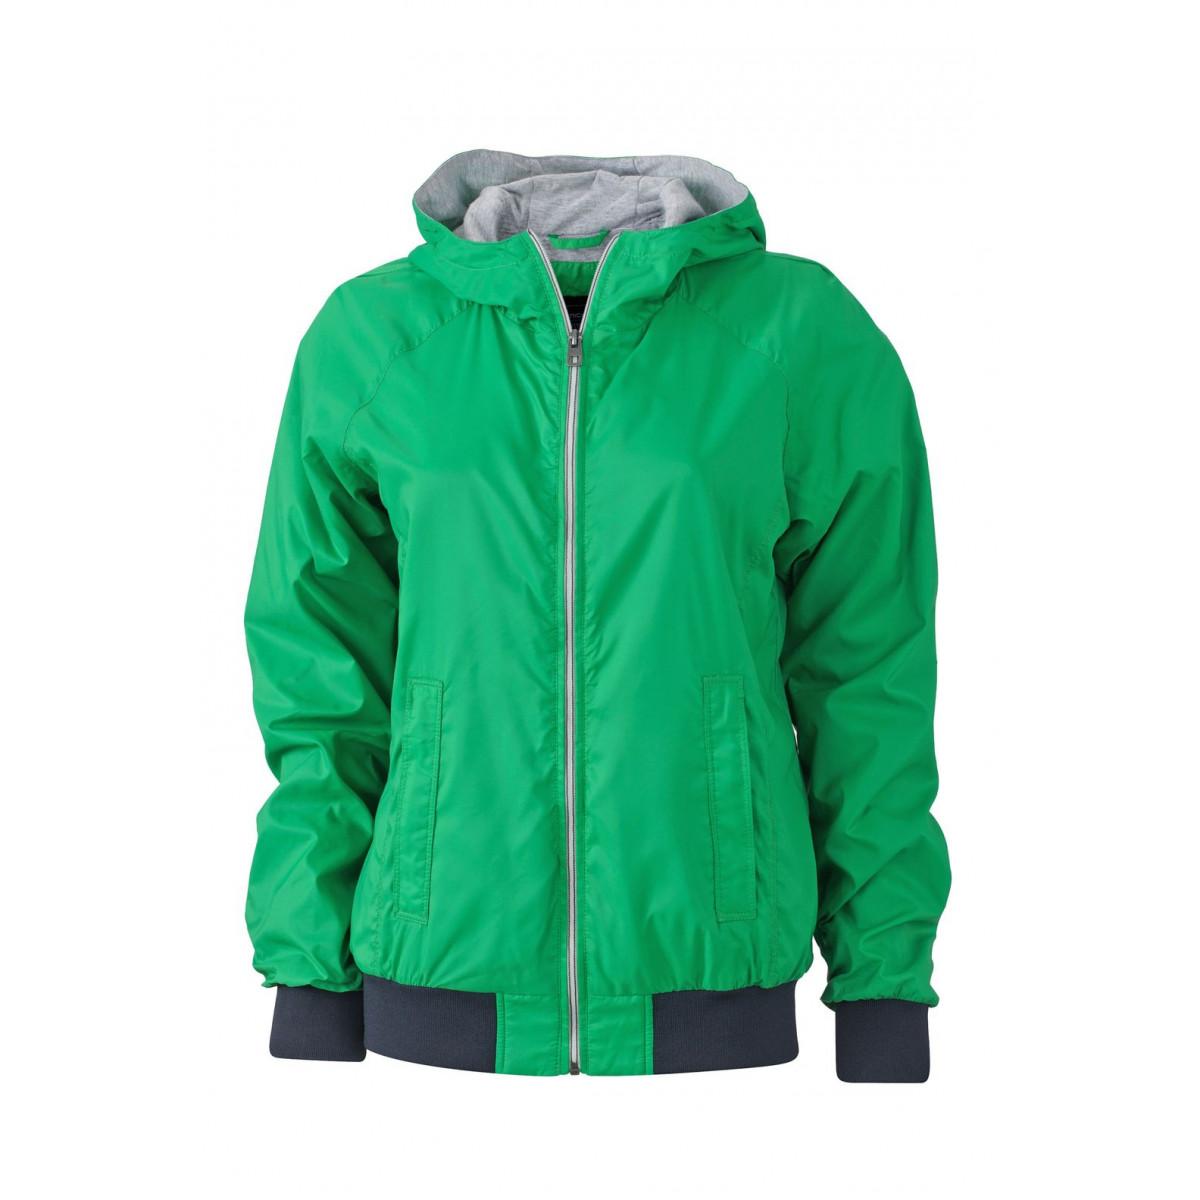 Куртка женская JN1107 Ladies Sports Jacket - Насыщенный зеленый/Темно-синий